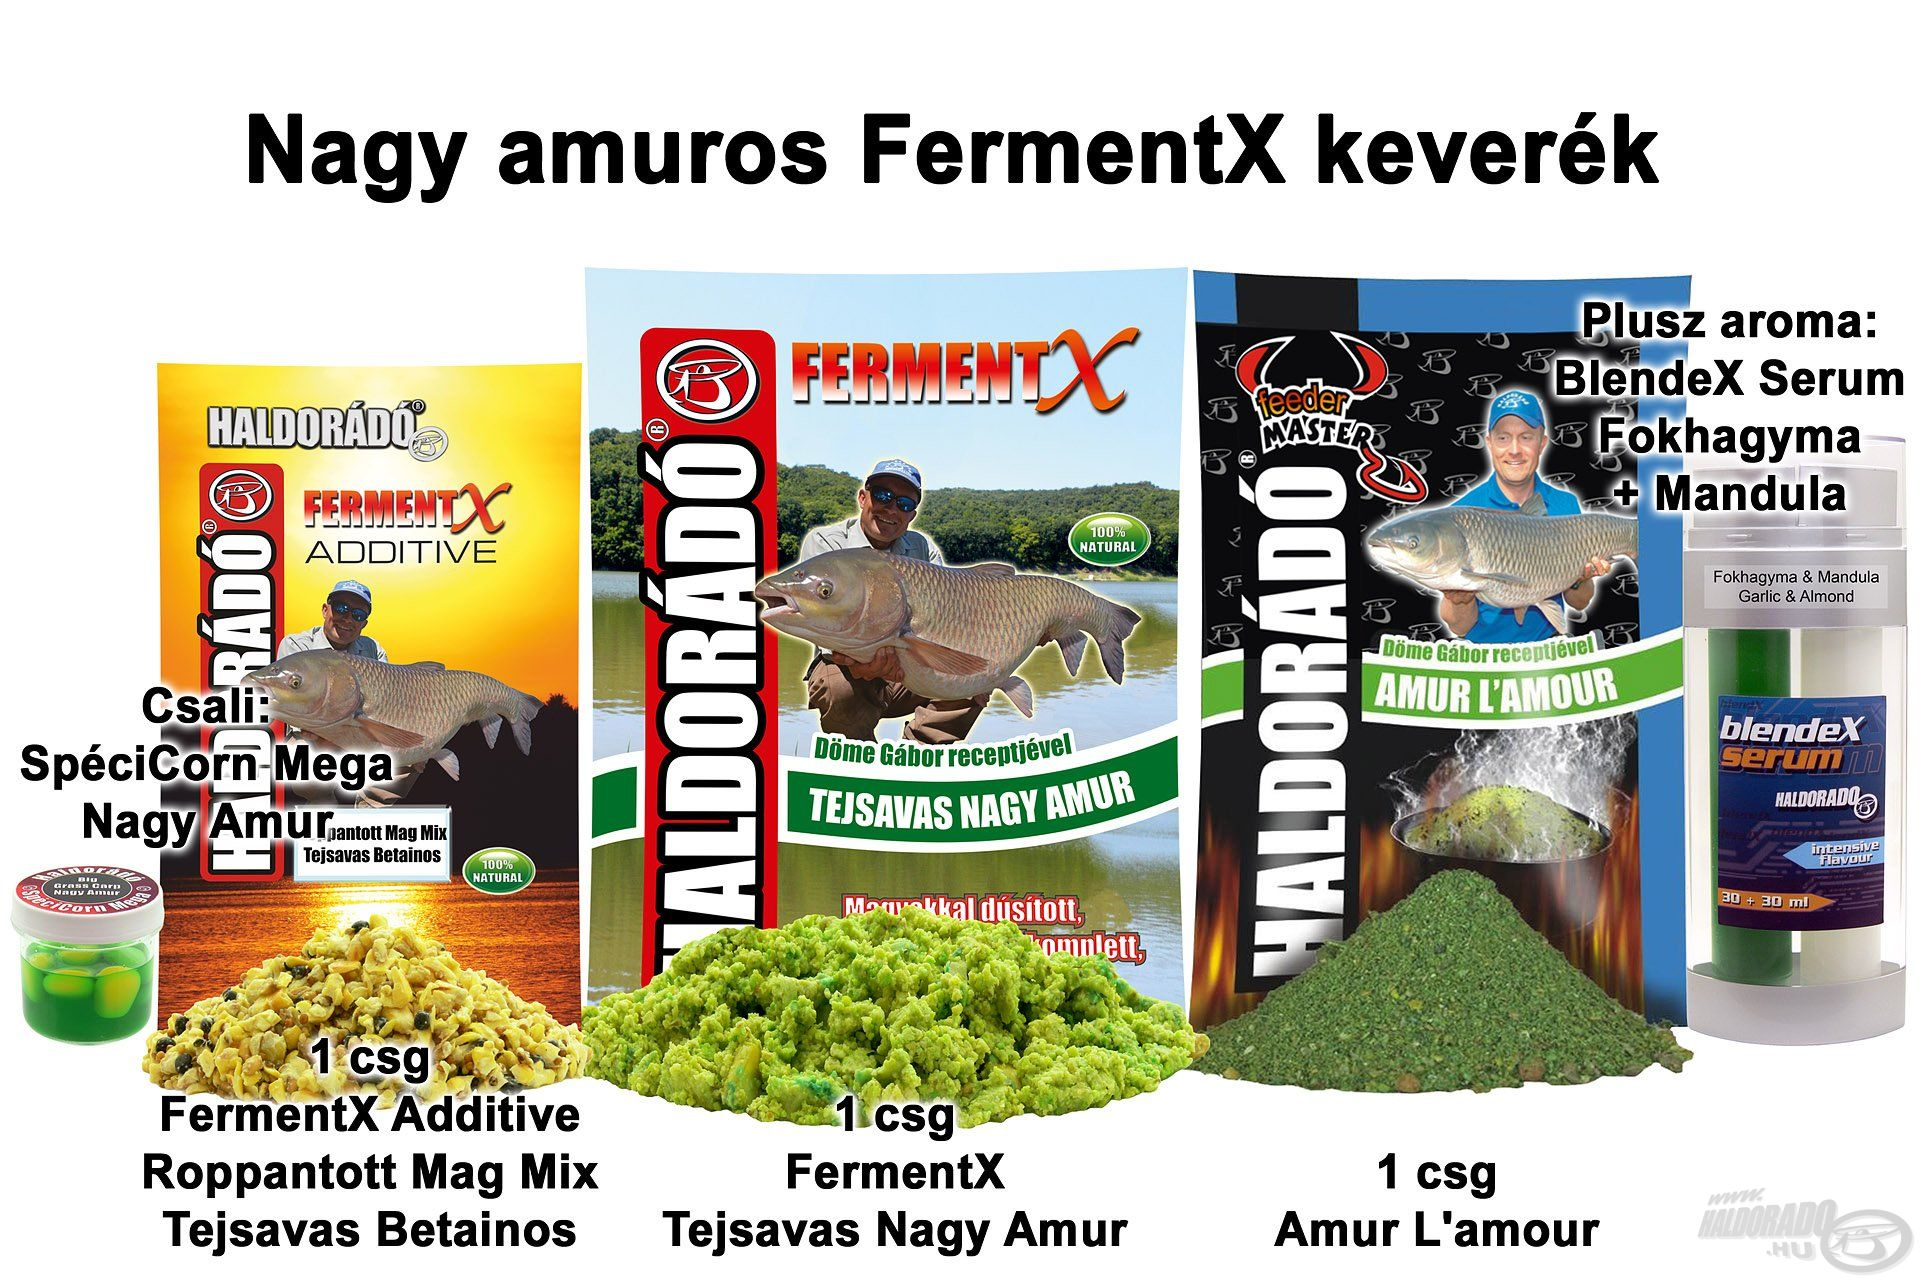 Nagy amuros FermentX keverék